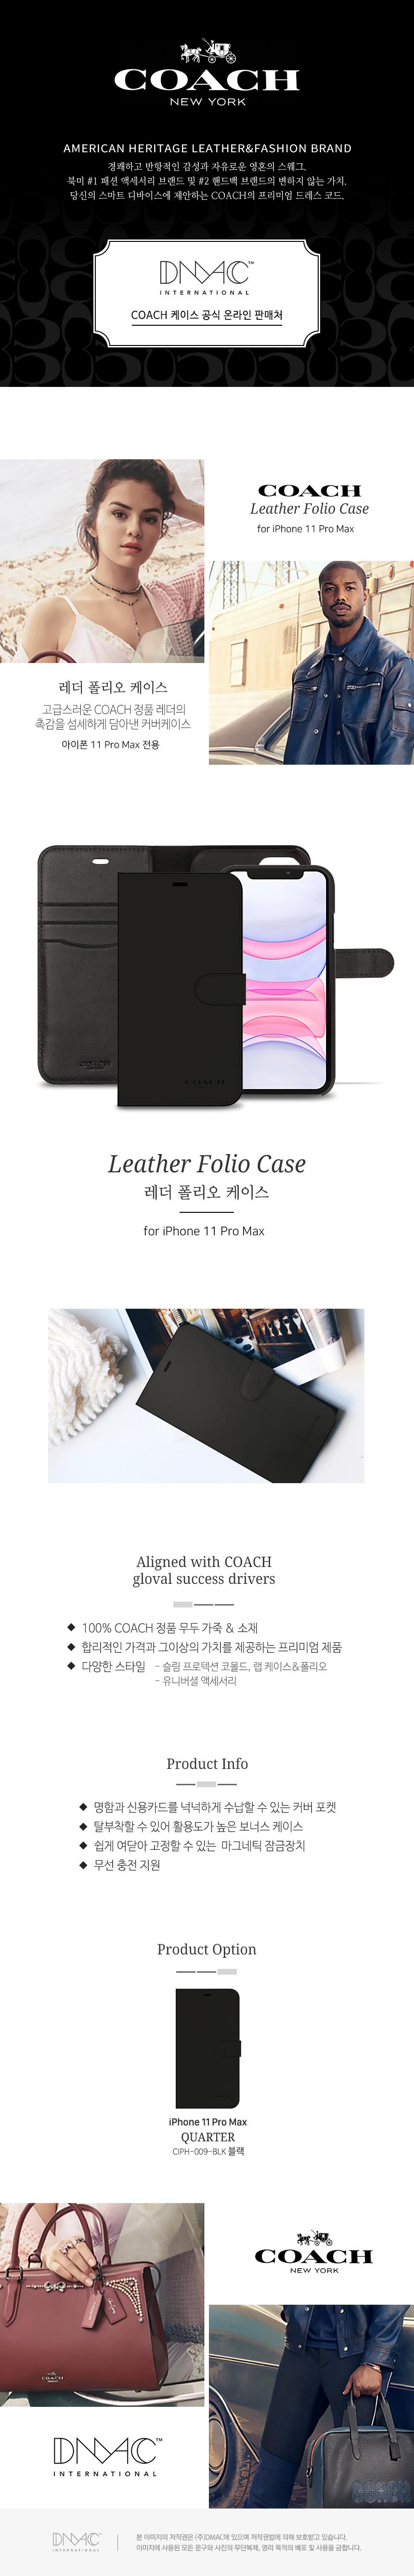 Leather-Folio-Case_iPhone11promax